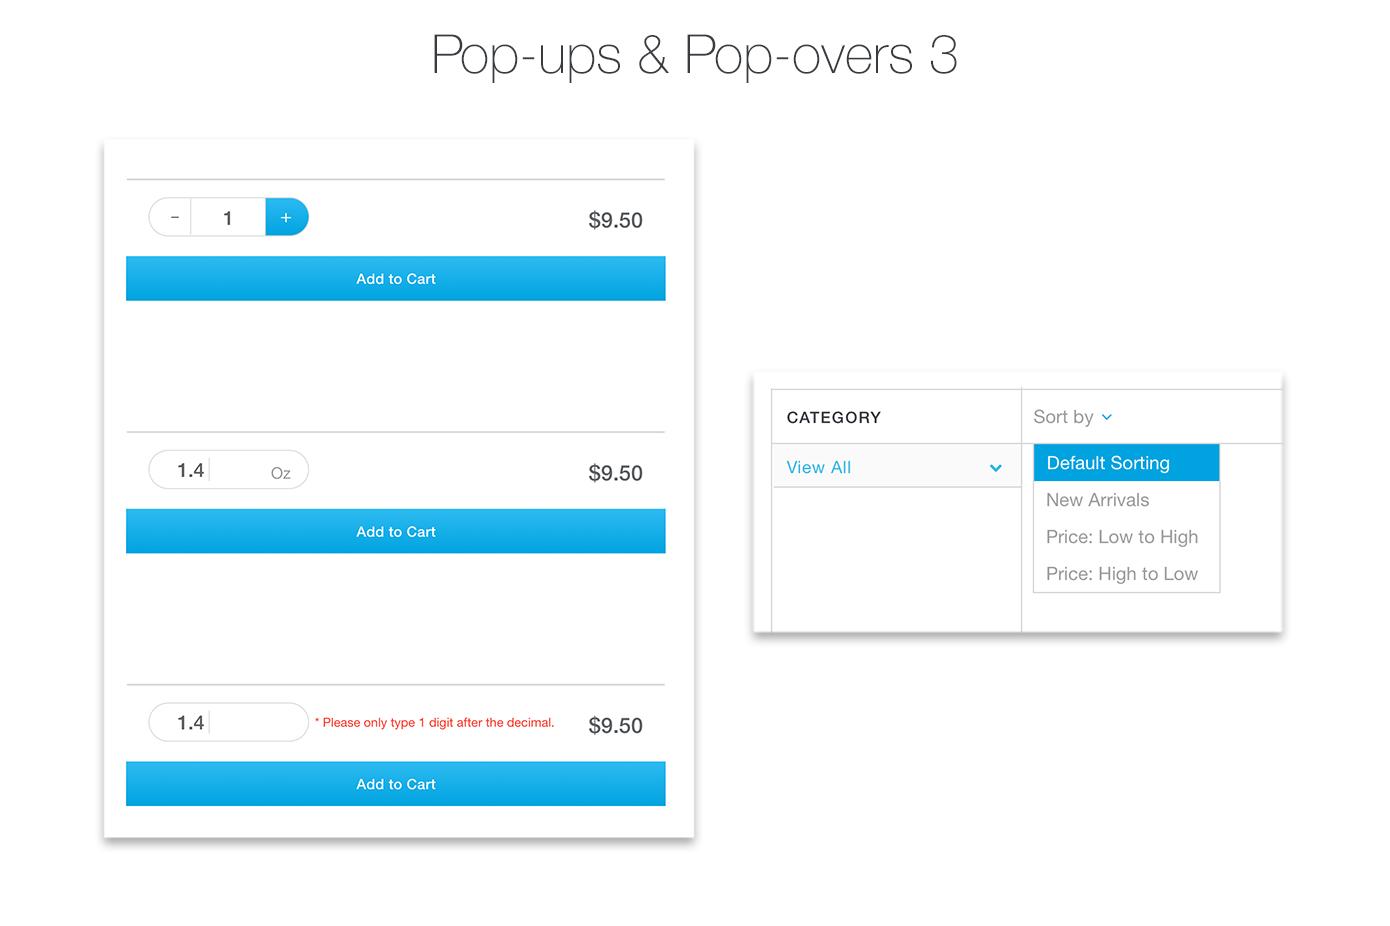 Pop-ups & Pop-overs Shot 3